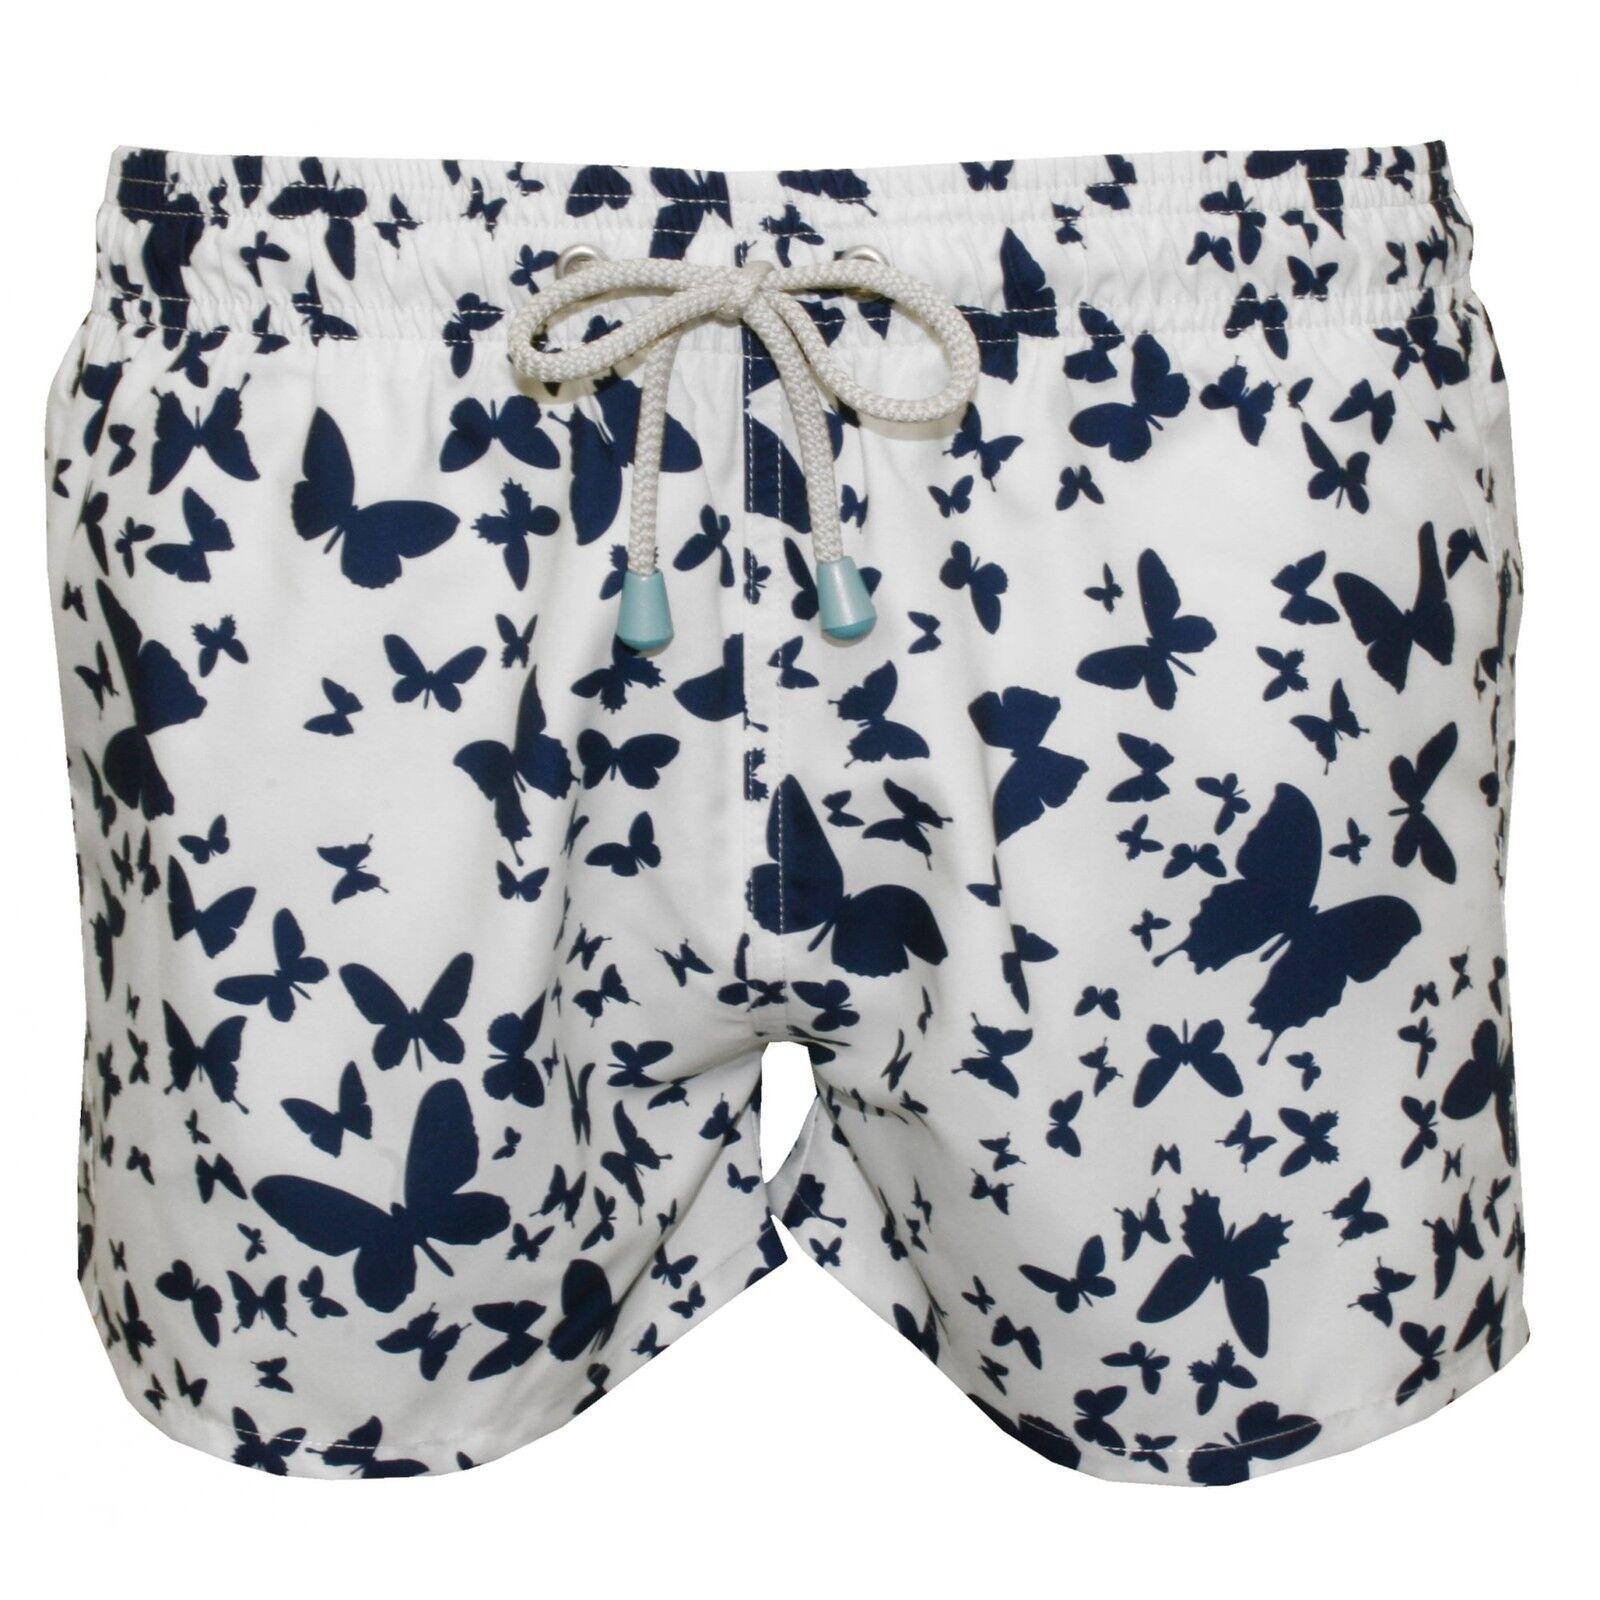 Oiler & Boiler Chevy Short Butterfly Print Men's Swim Shorts, White Navy